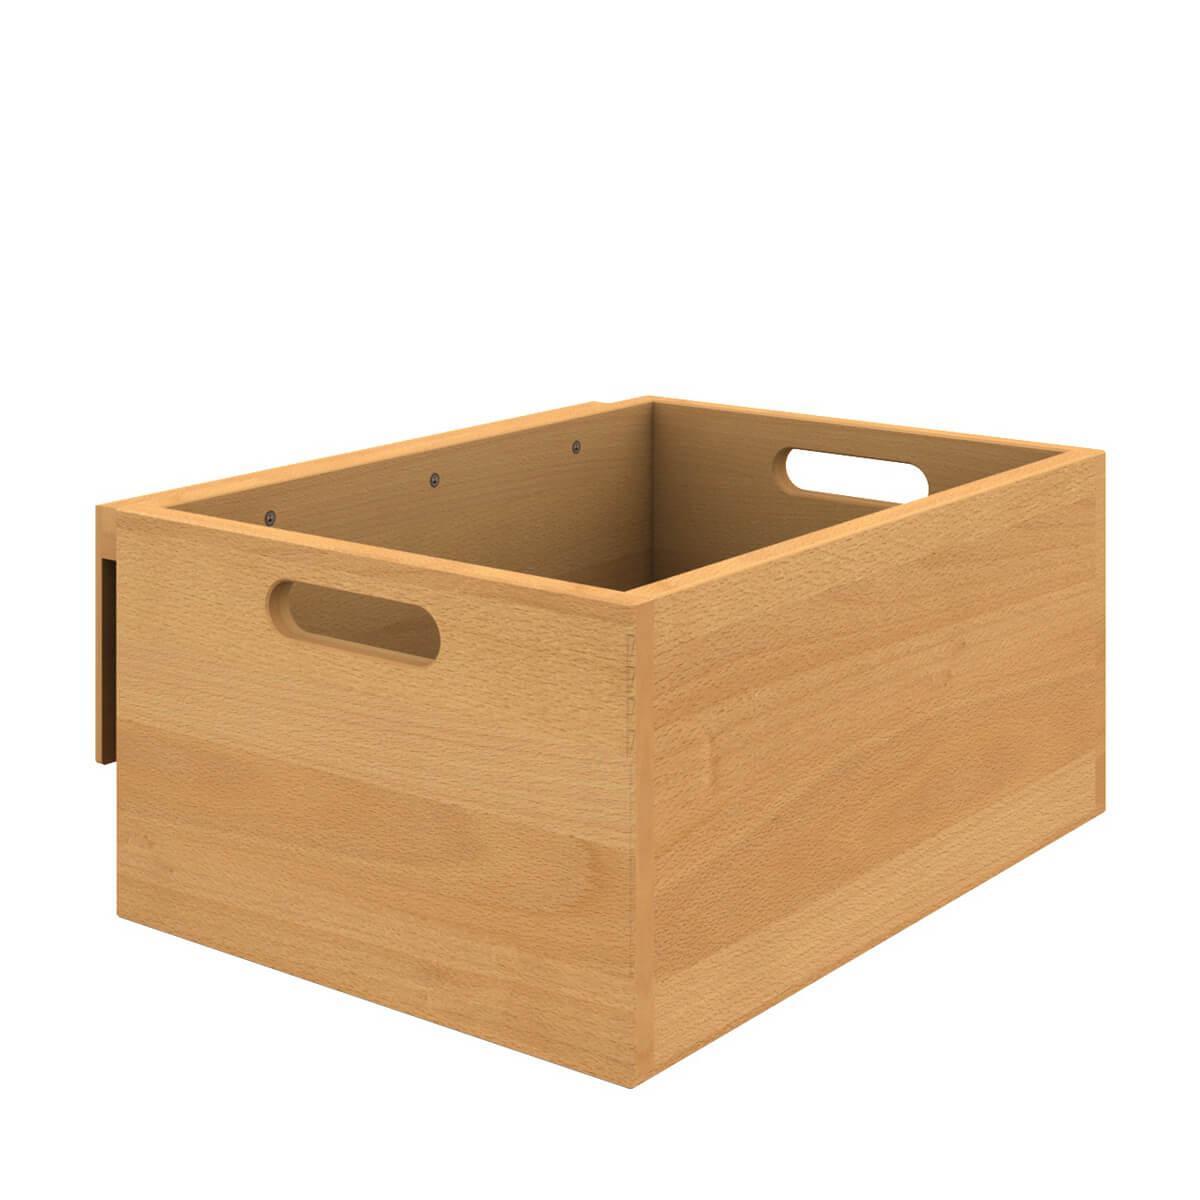 Utensilienbox klein-einhängbar Bettzusatz DESTYLE Debreuyn, Buche massiv-natur geölt